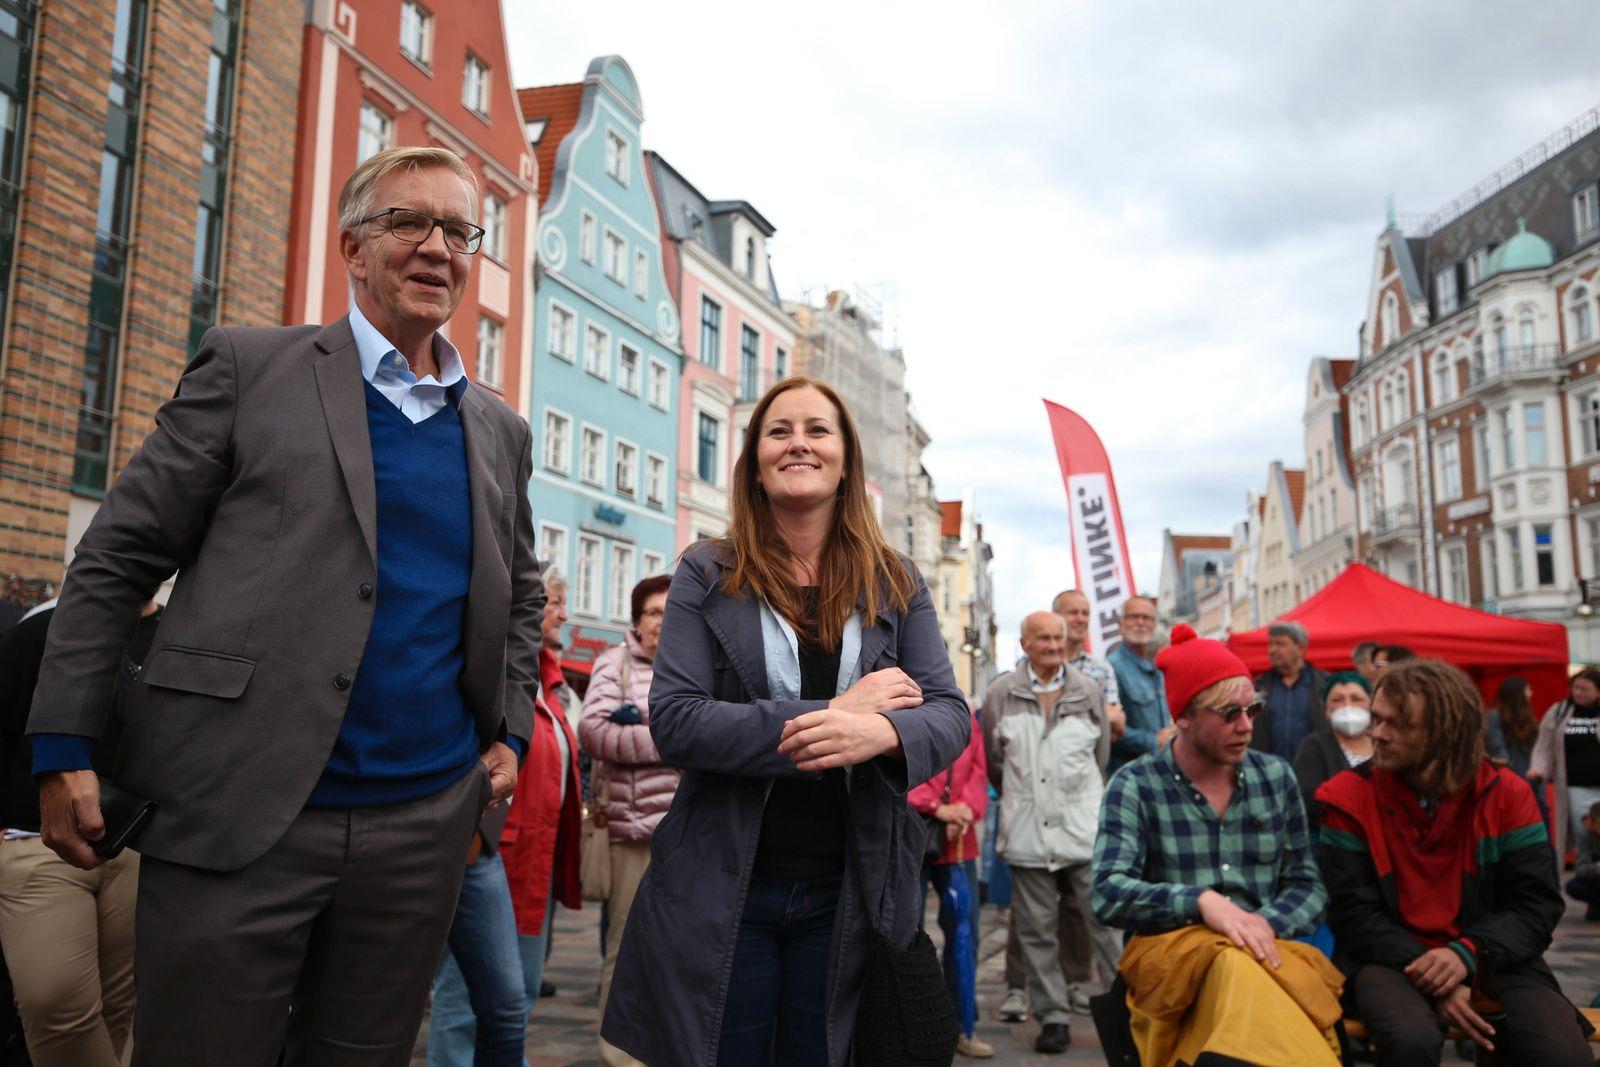 Wahlkampf Die Linke - Mecklenburg-Vorpommern